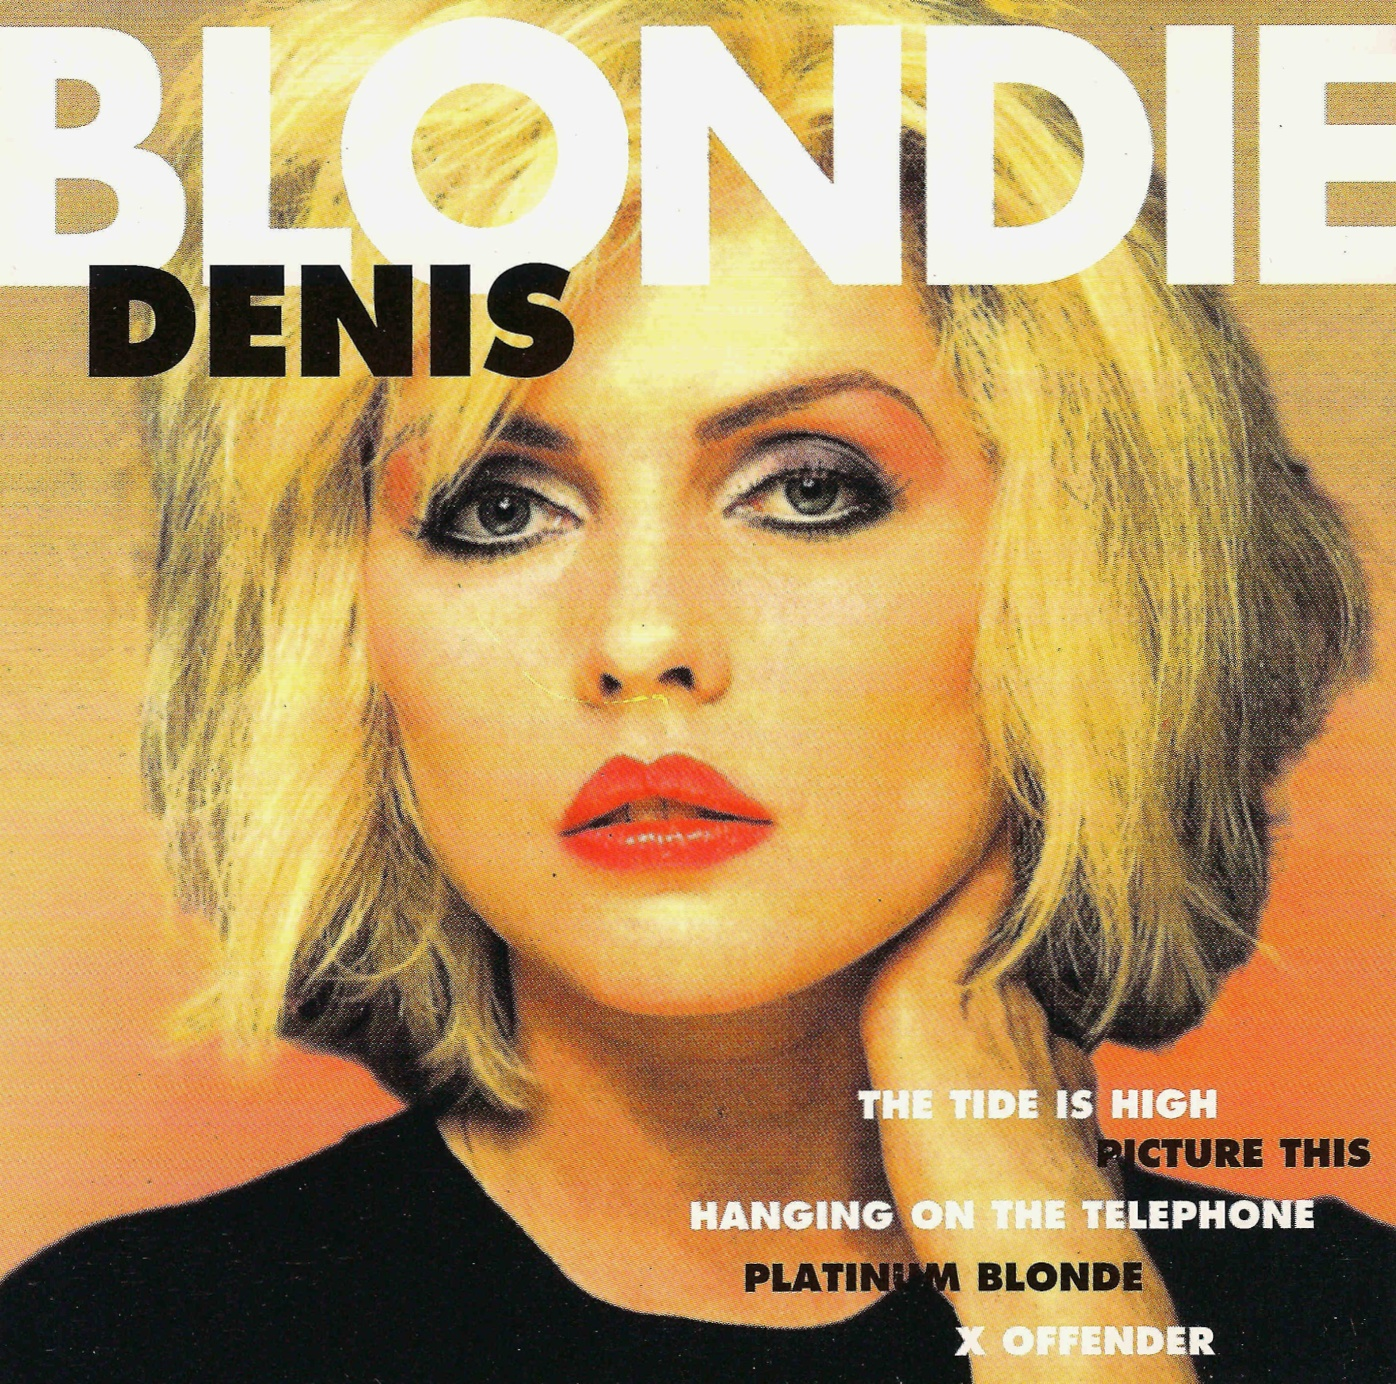 blondie_-_denis_-_front.jpg